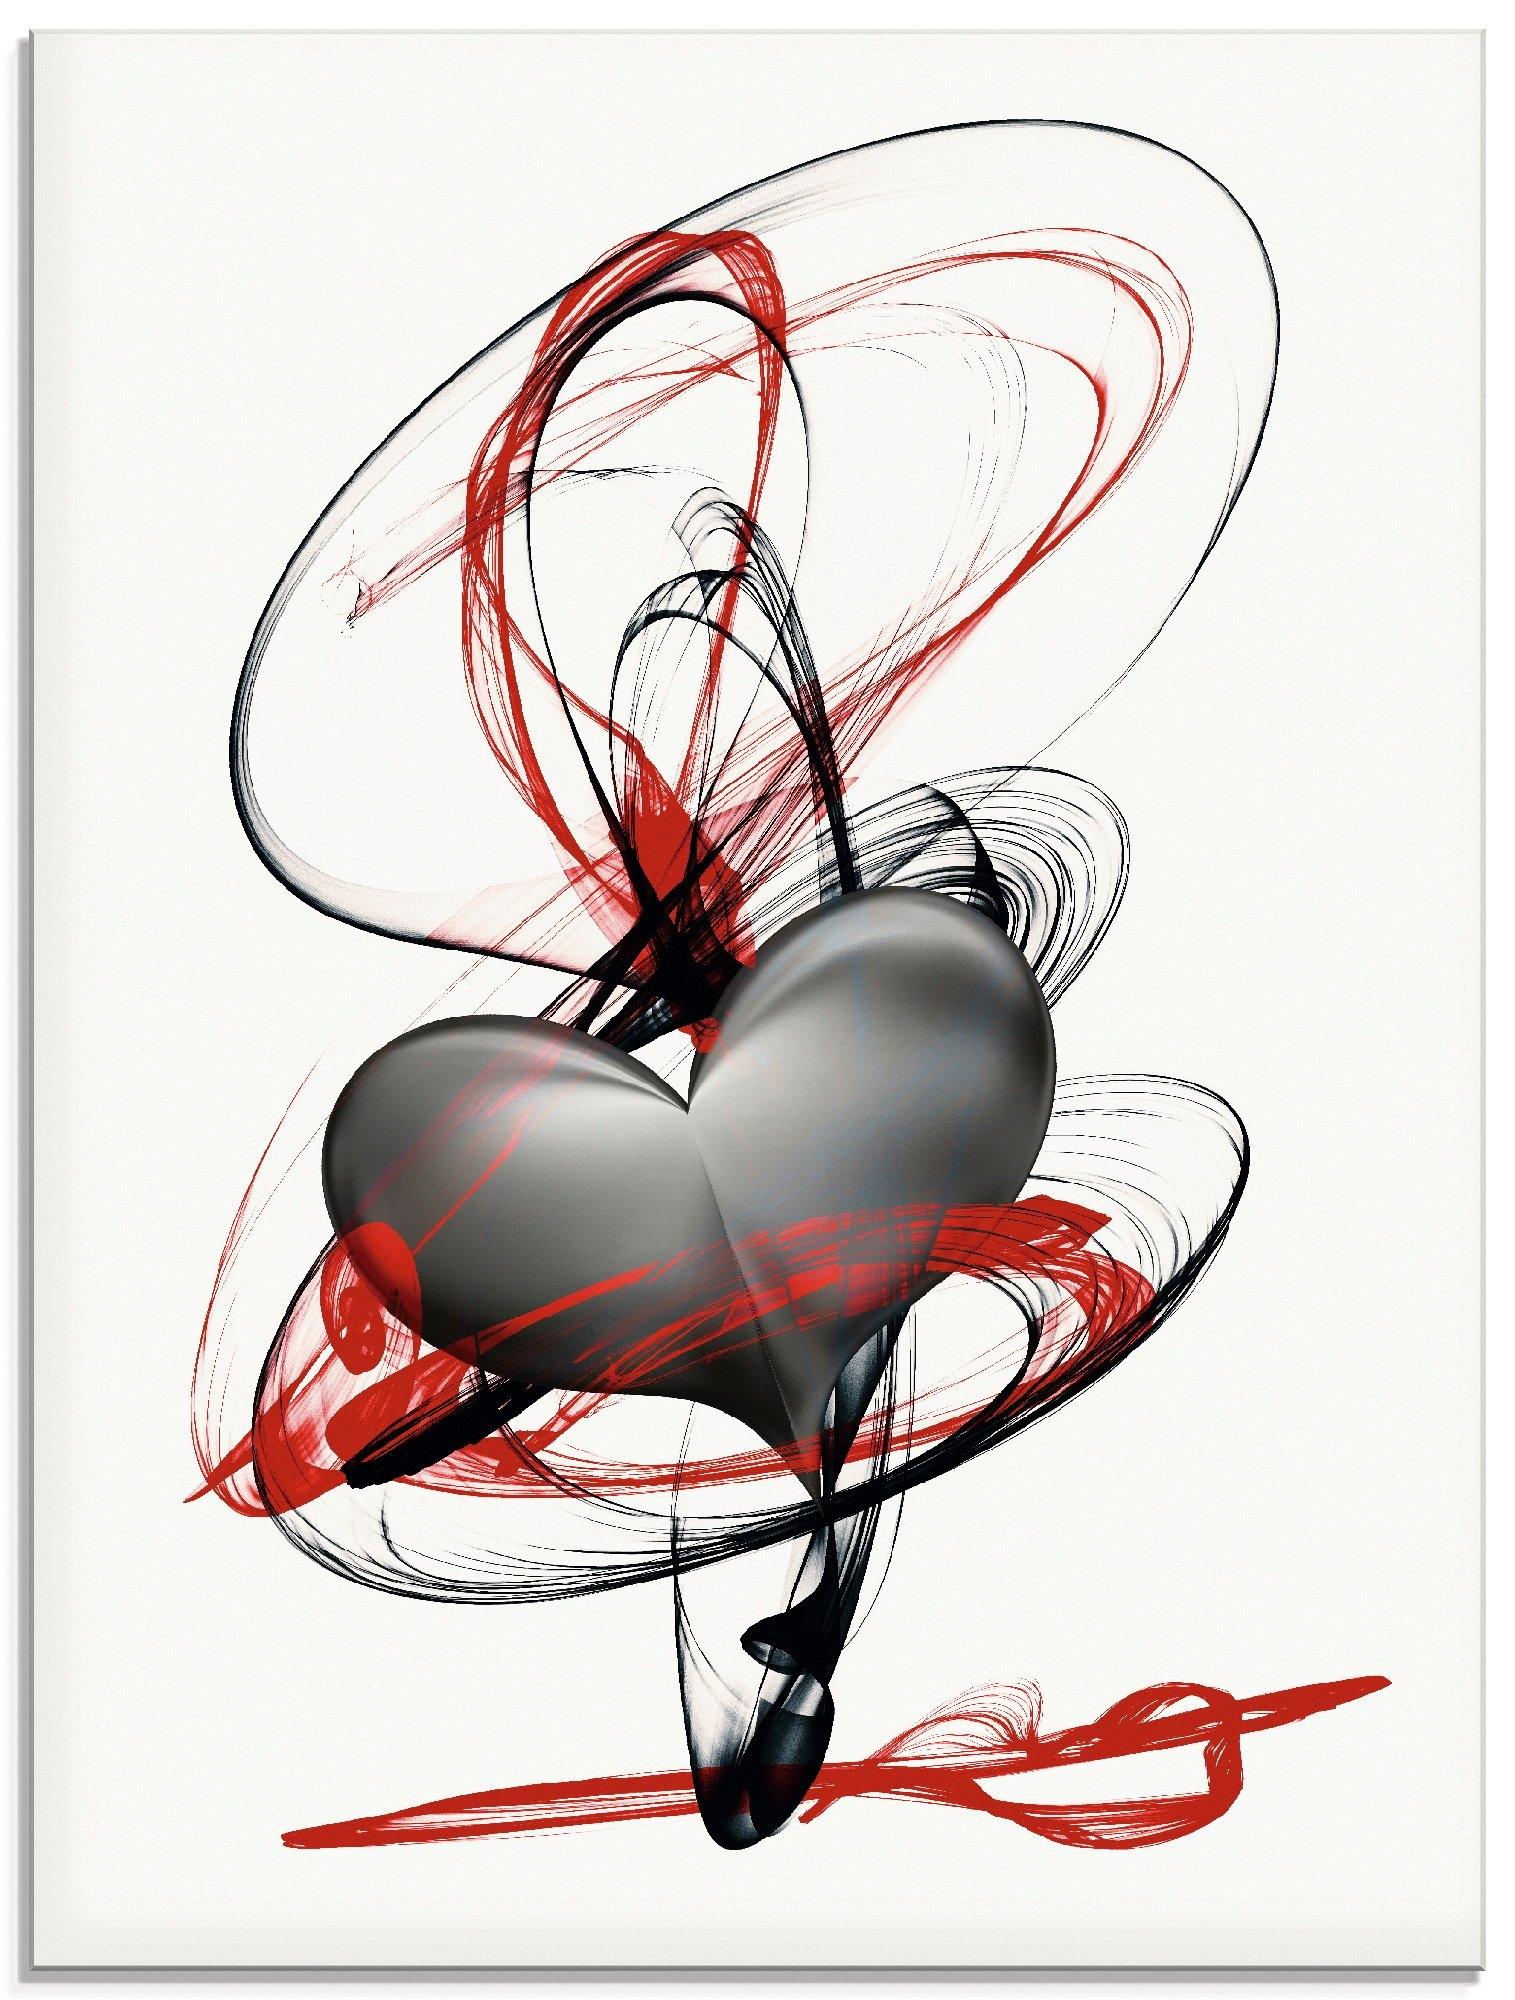 Artland print op glas Omarm mijn hart (1 stuk) voordelig en veilig online kopen